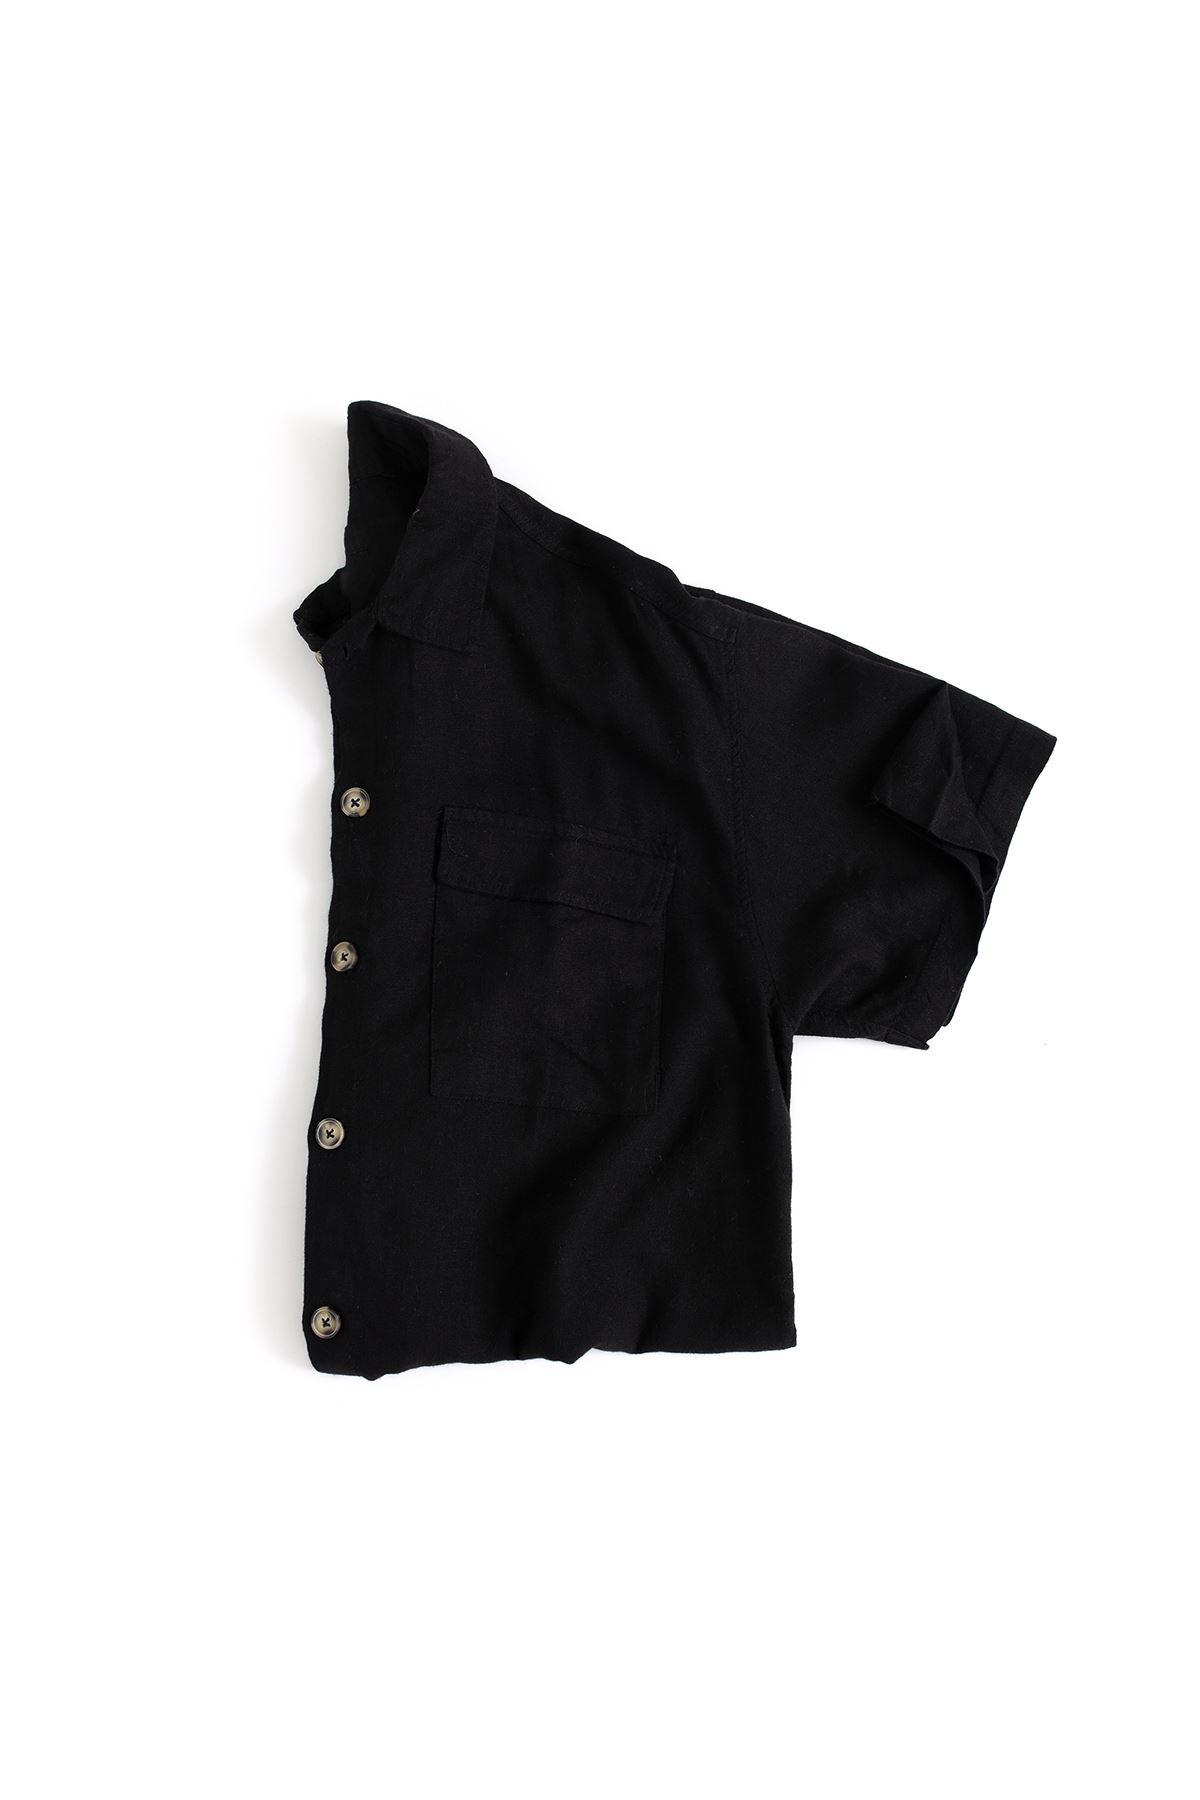 Kısa Kollu  Siyah Çift Cep Keten Gömlek